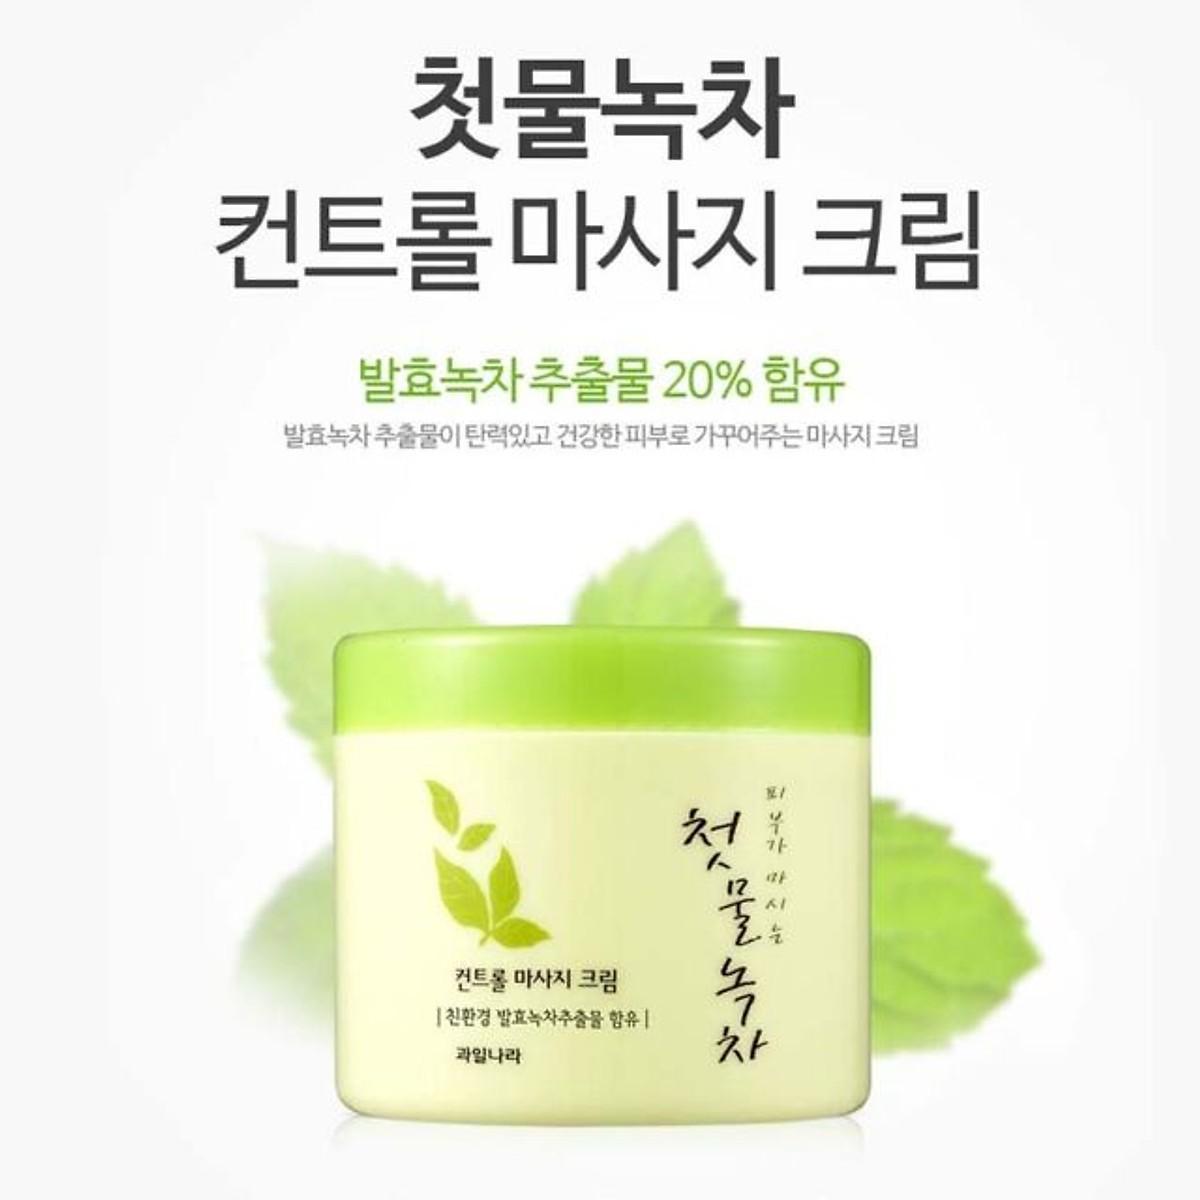 Kem massage thảo dược trà xanh Green tea Massage Cream Hàn Quốc 300ml cao cấp